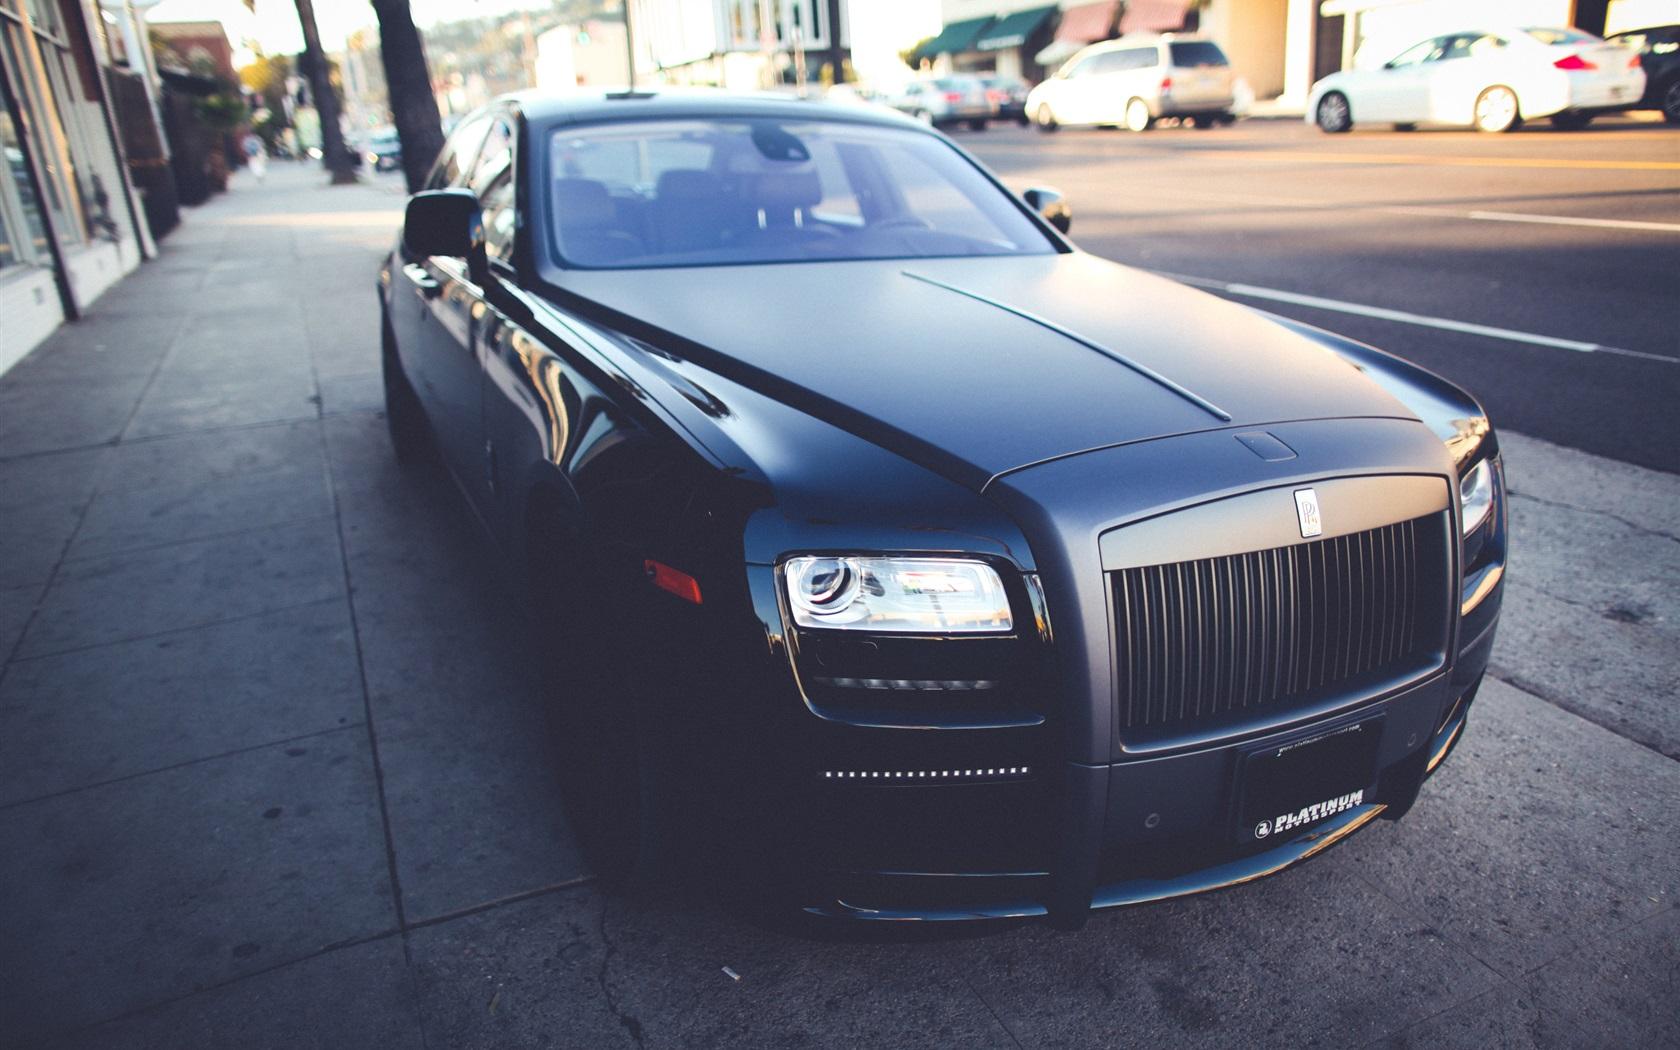 Luxury Vehicle: 壁紙 ロールス·ロイス、つや消し黒の高級車 2560x1600 HD 無料のデスクトップの背景, 画像